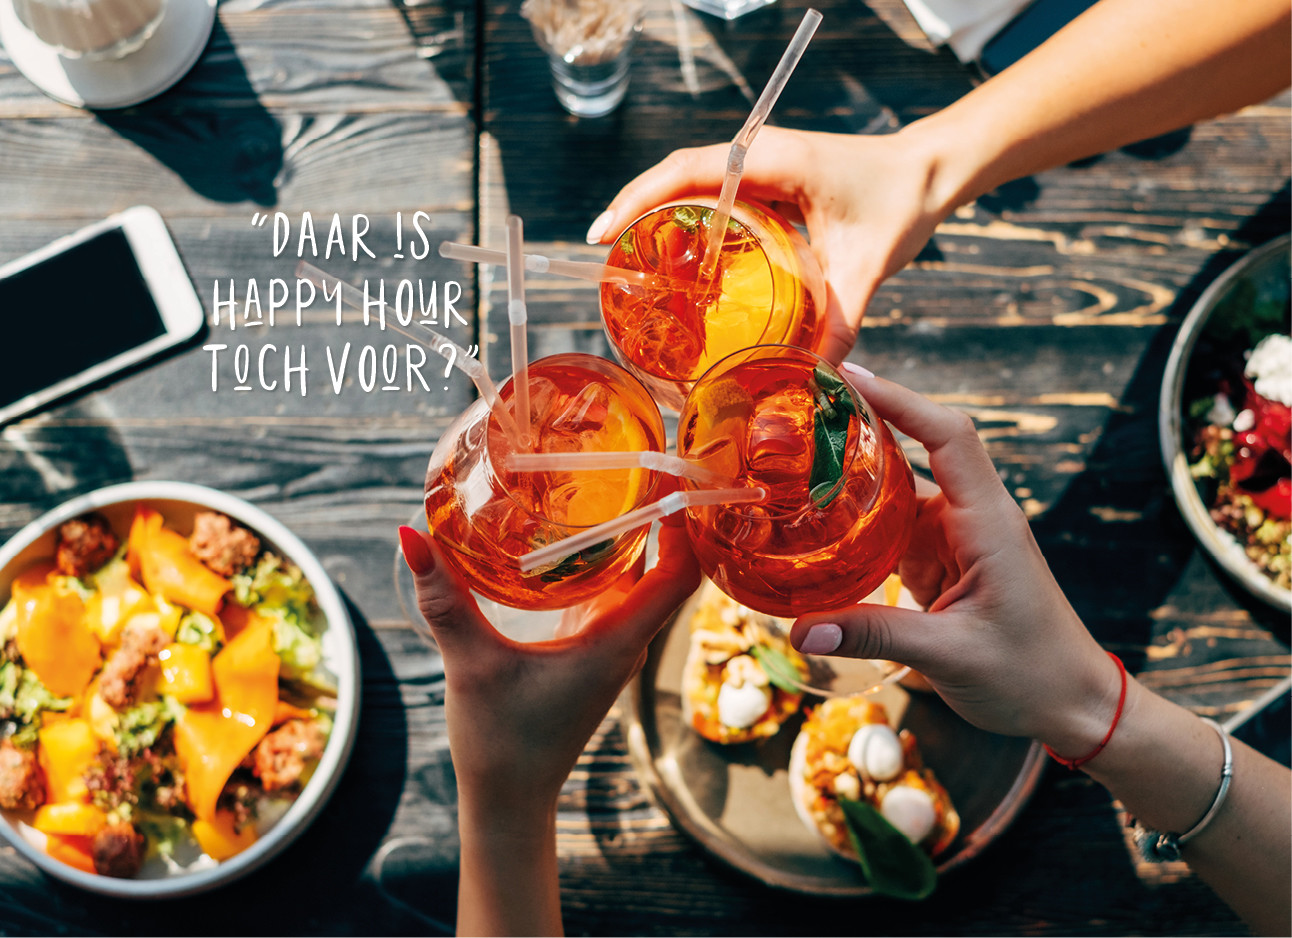 Wel of niet: drank bestellen 5 minuten voor happy hour eindigt